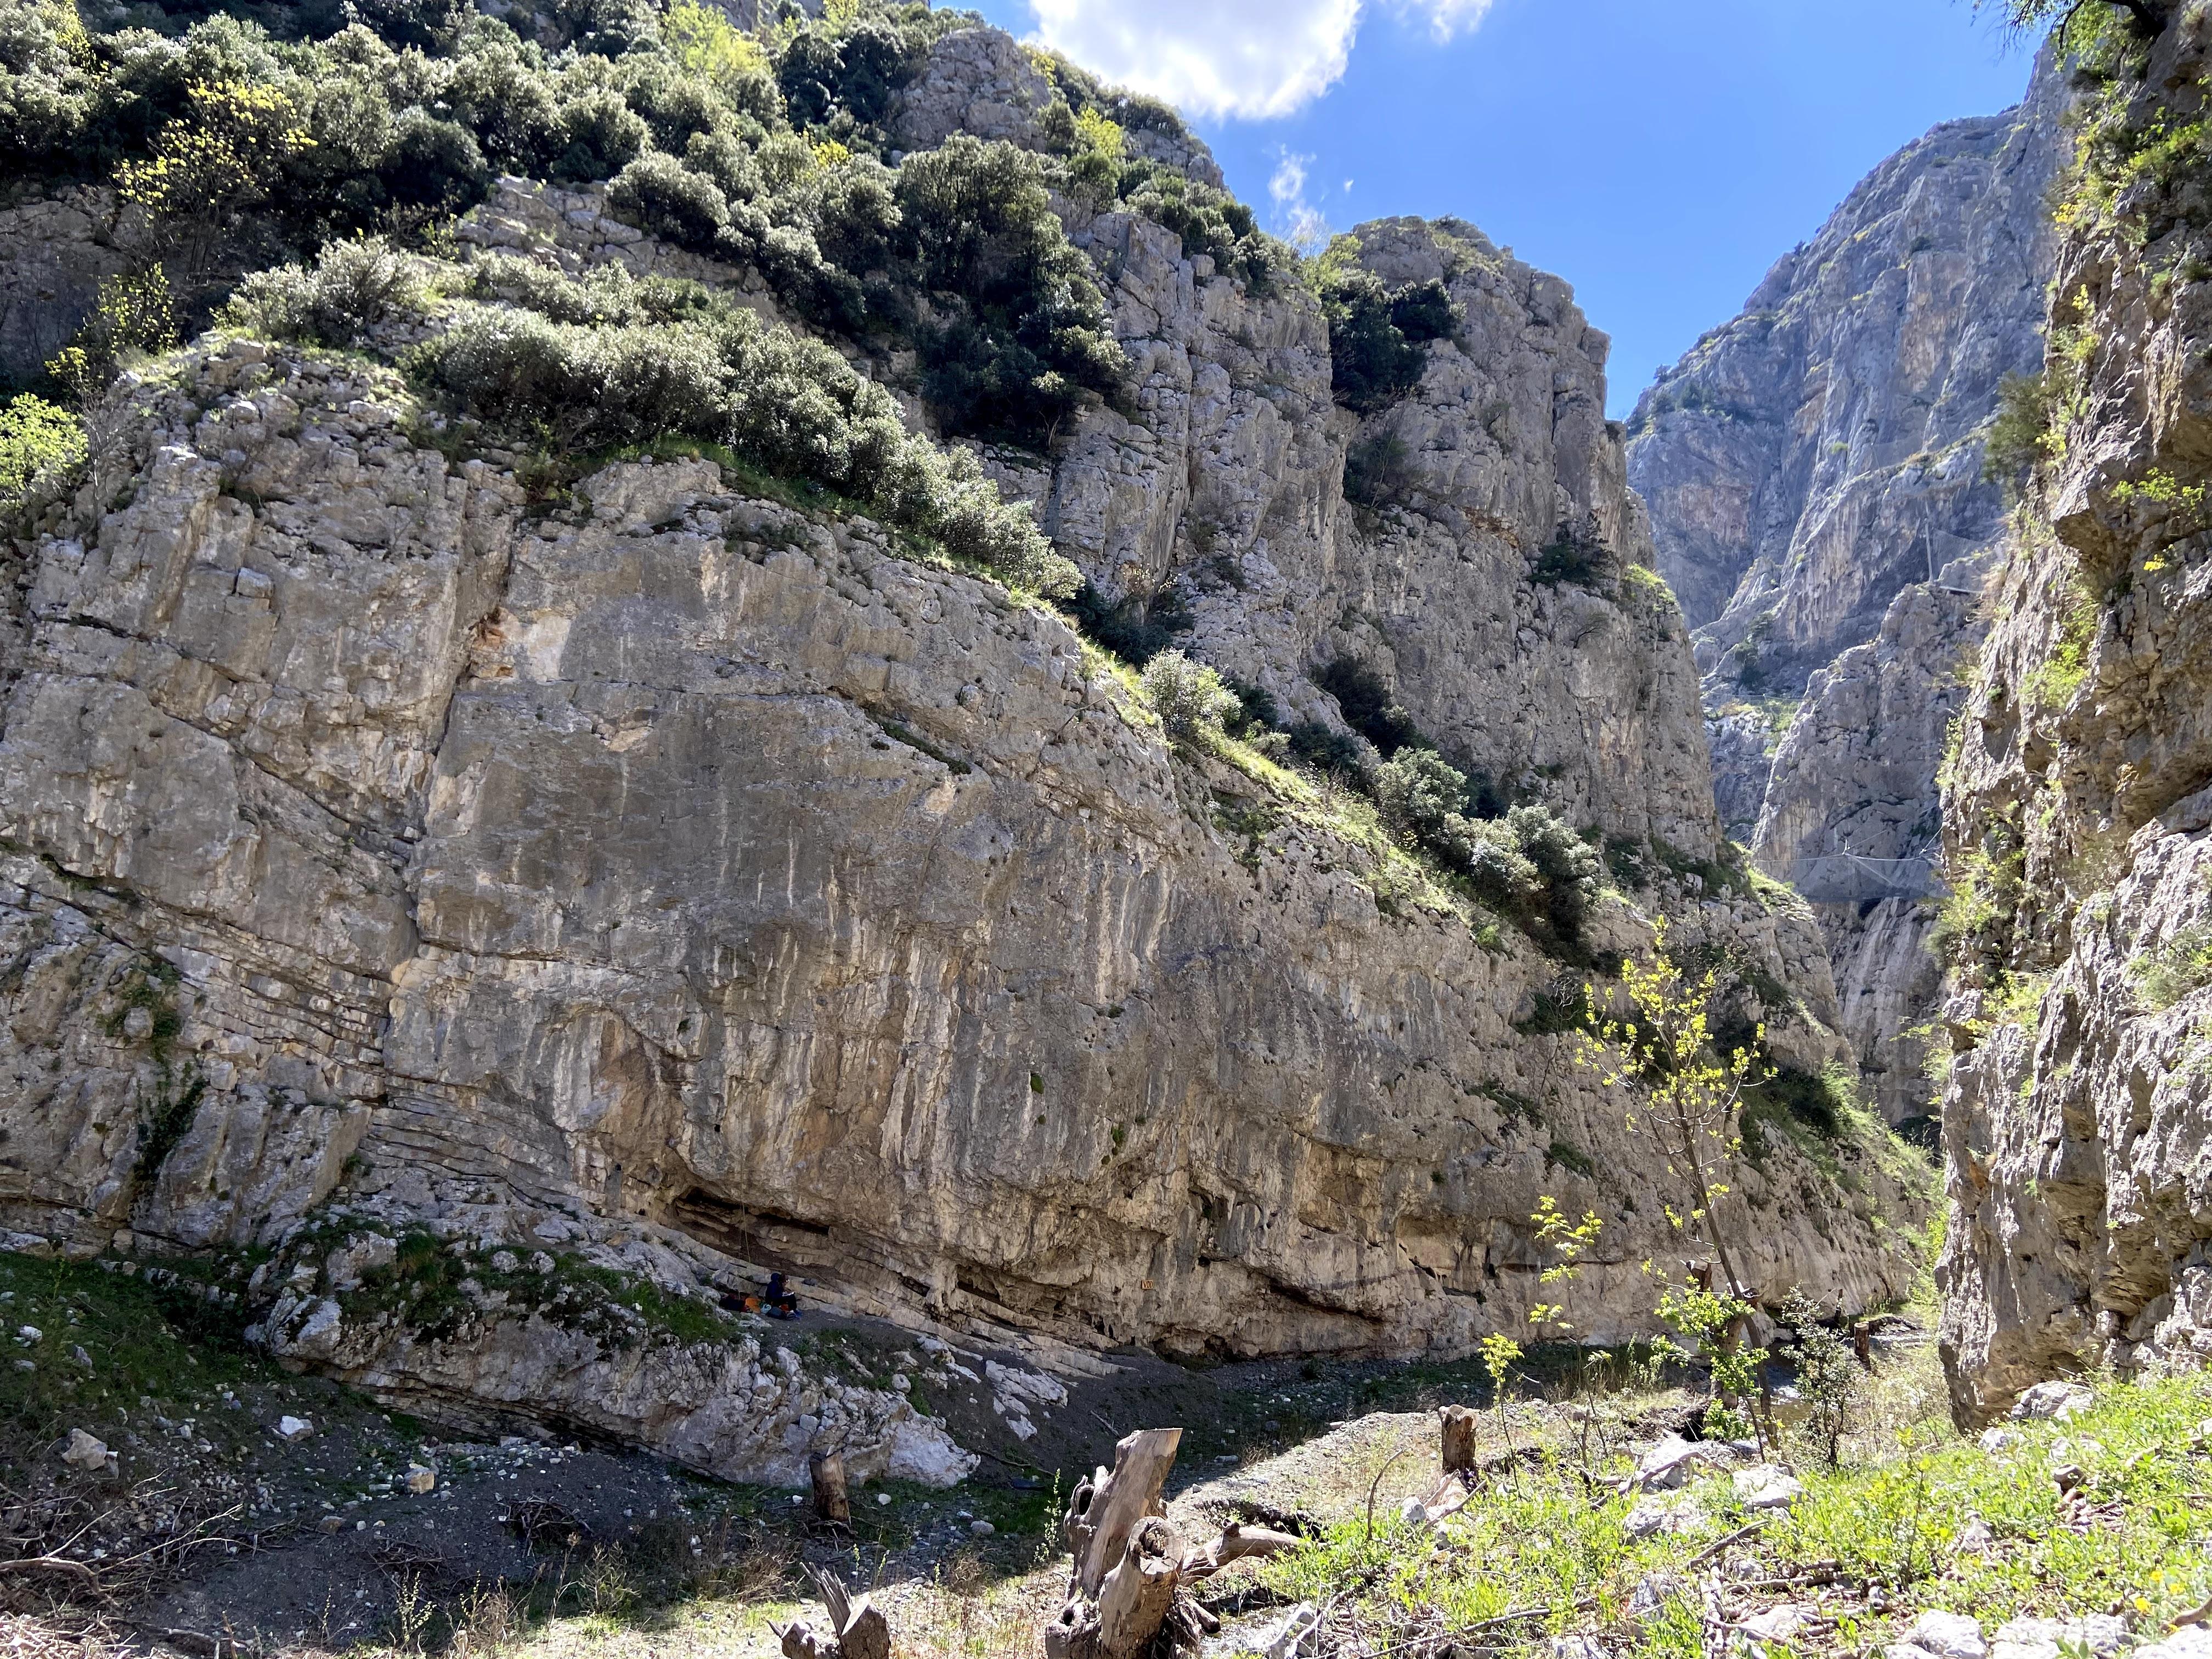 Extensive rock outcrops of the deep gorge of Demir Kapija.